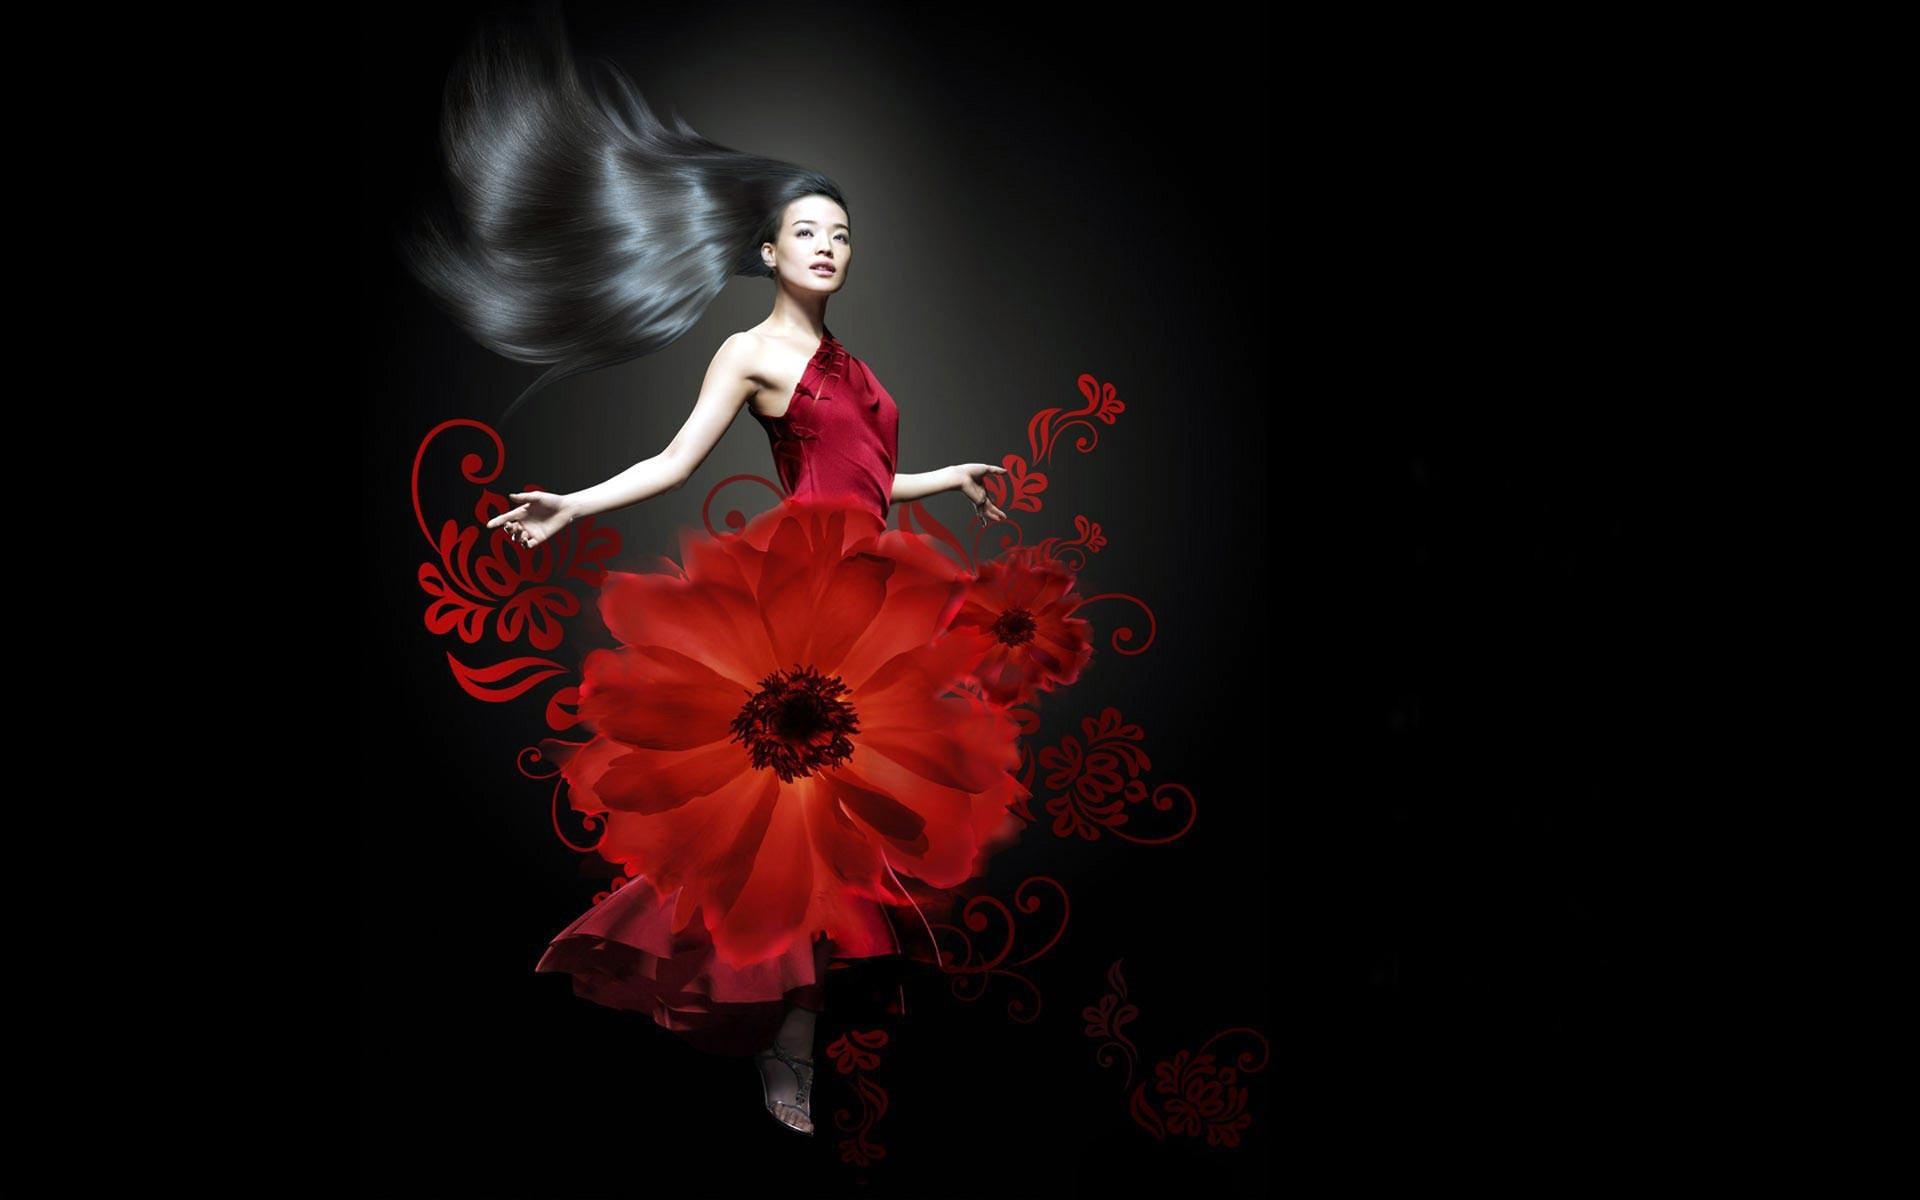 Красивые картинки на черно-красном фоне